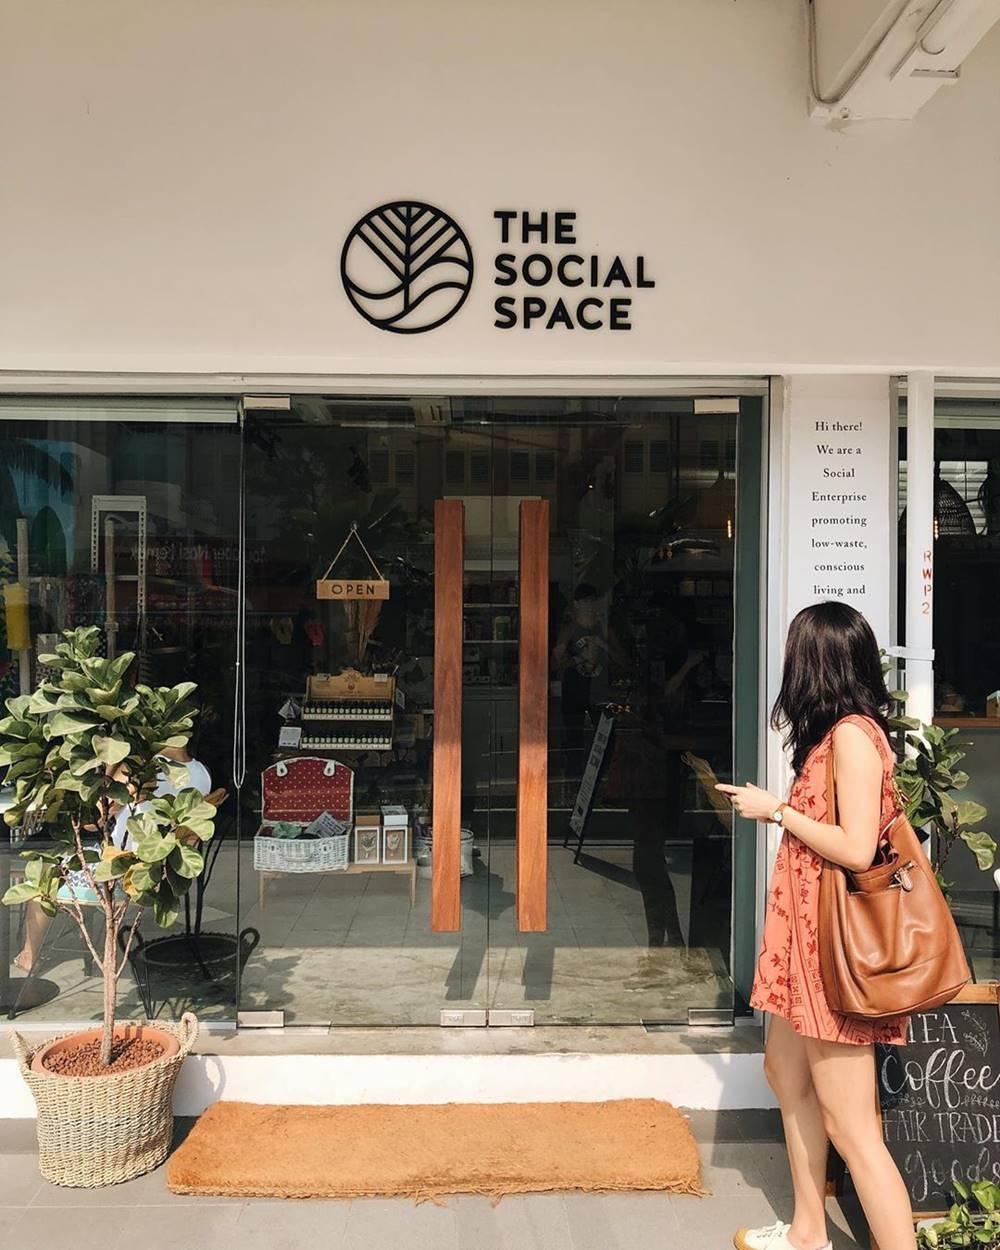 The Social Space Singapura. Instagram @batpudding